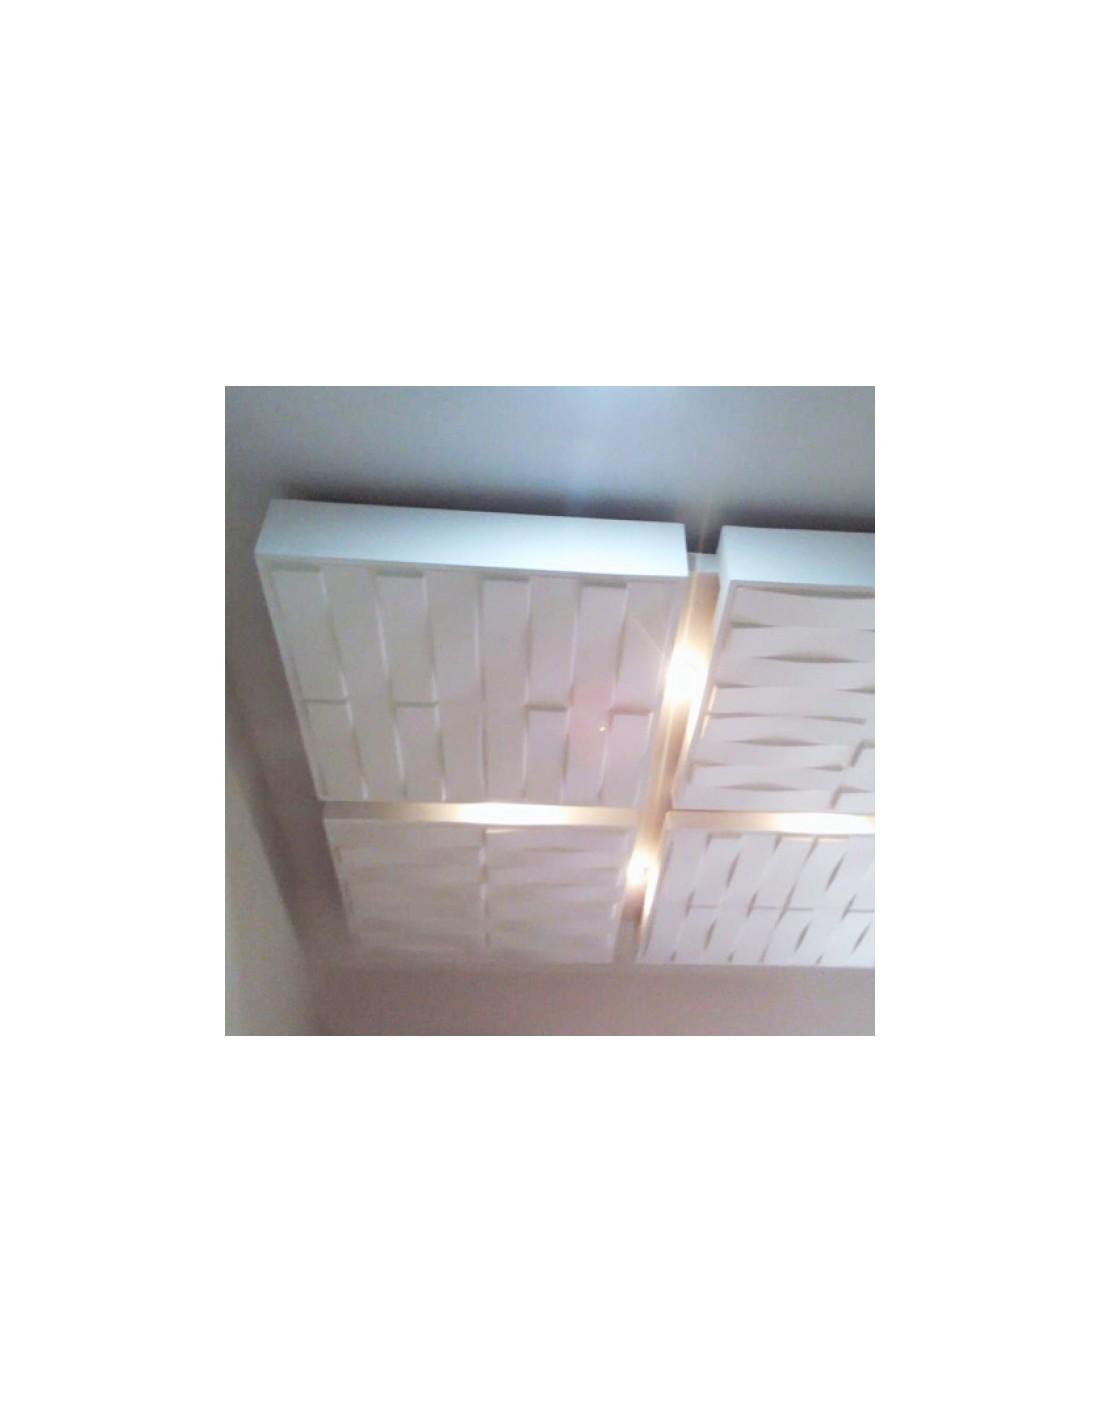 Pannello 3d wall per decorazioni di pareti e soffitti mod for Pannelli in polistirolo per soffitti